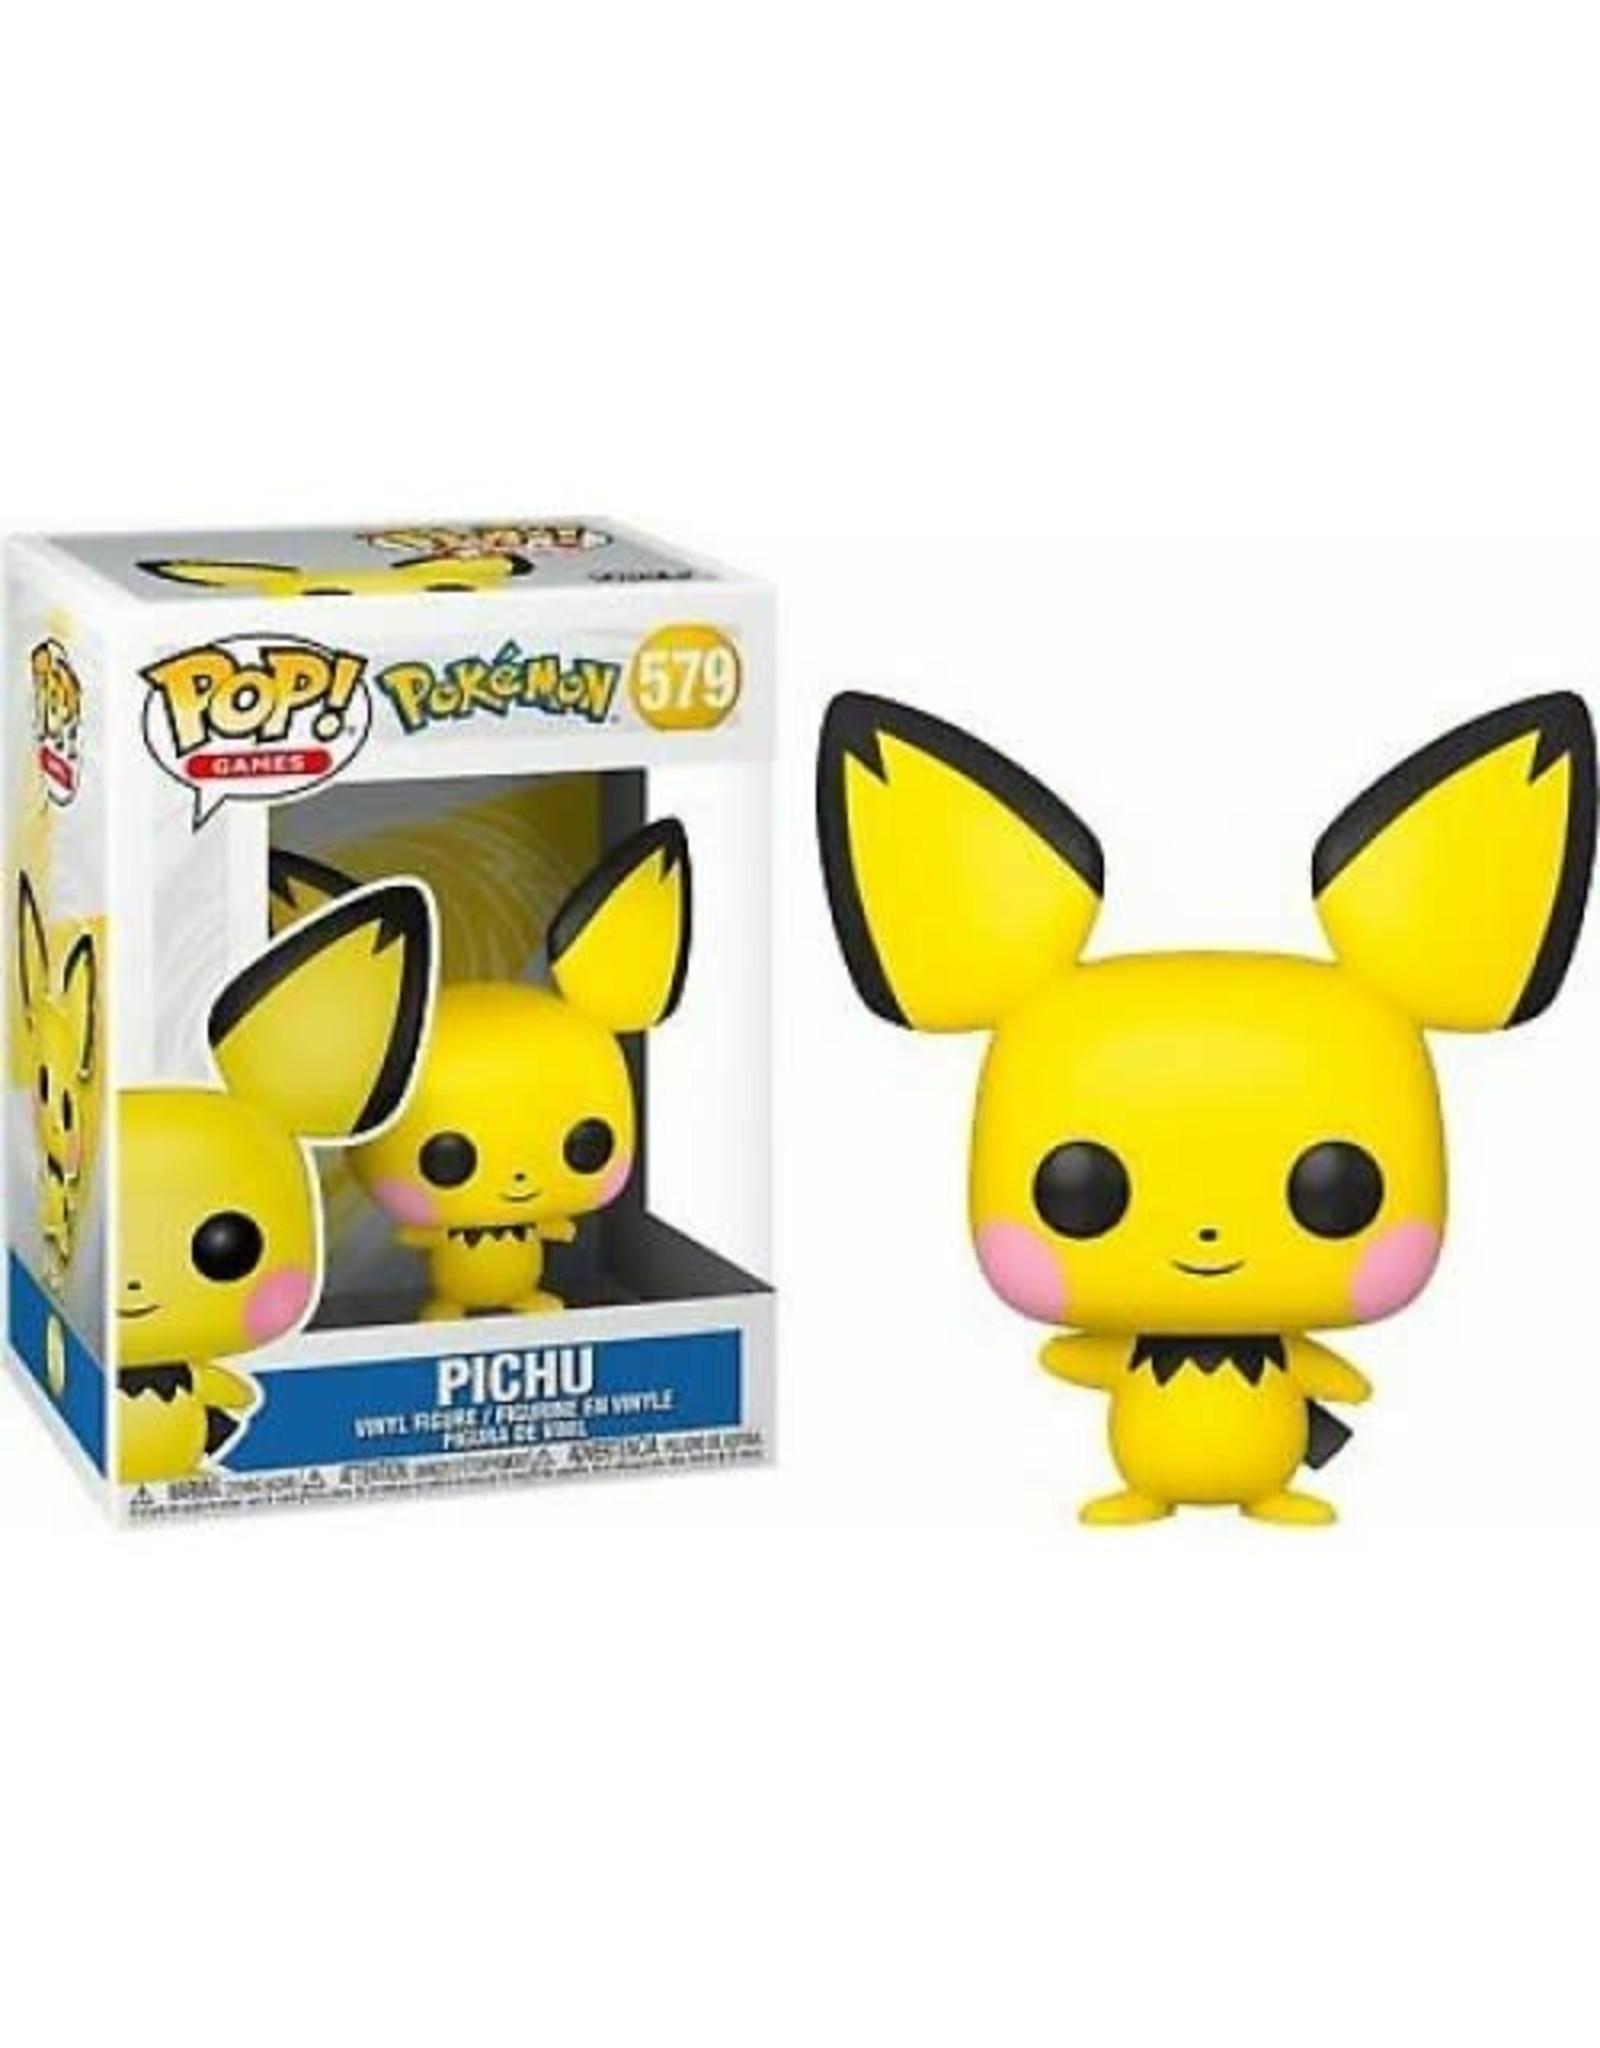 Pokémon - Funko Pop! Games 579 - Pichu